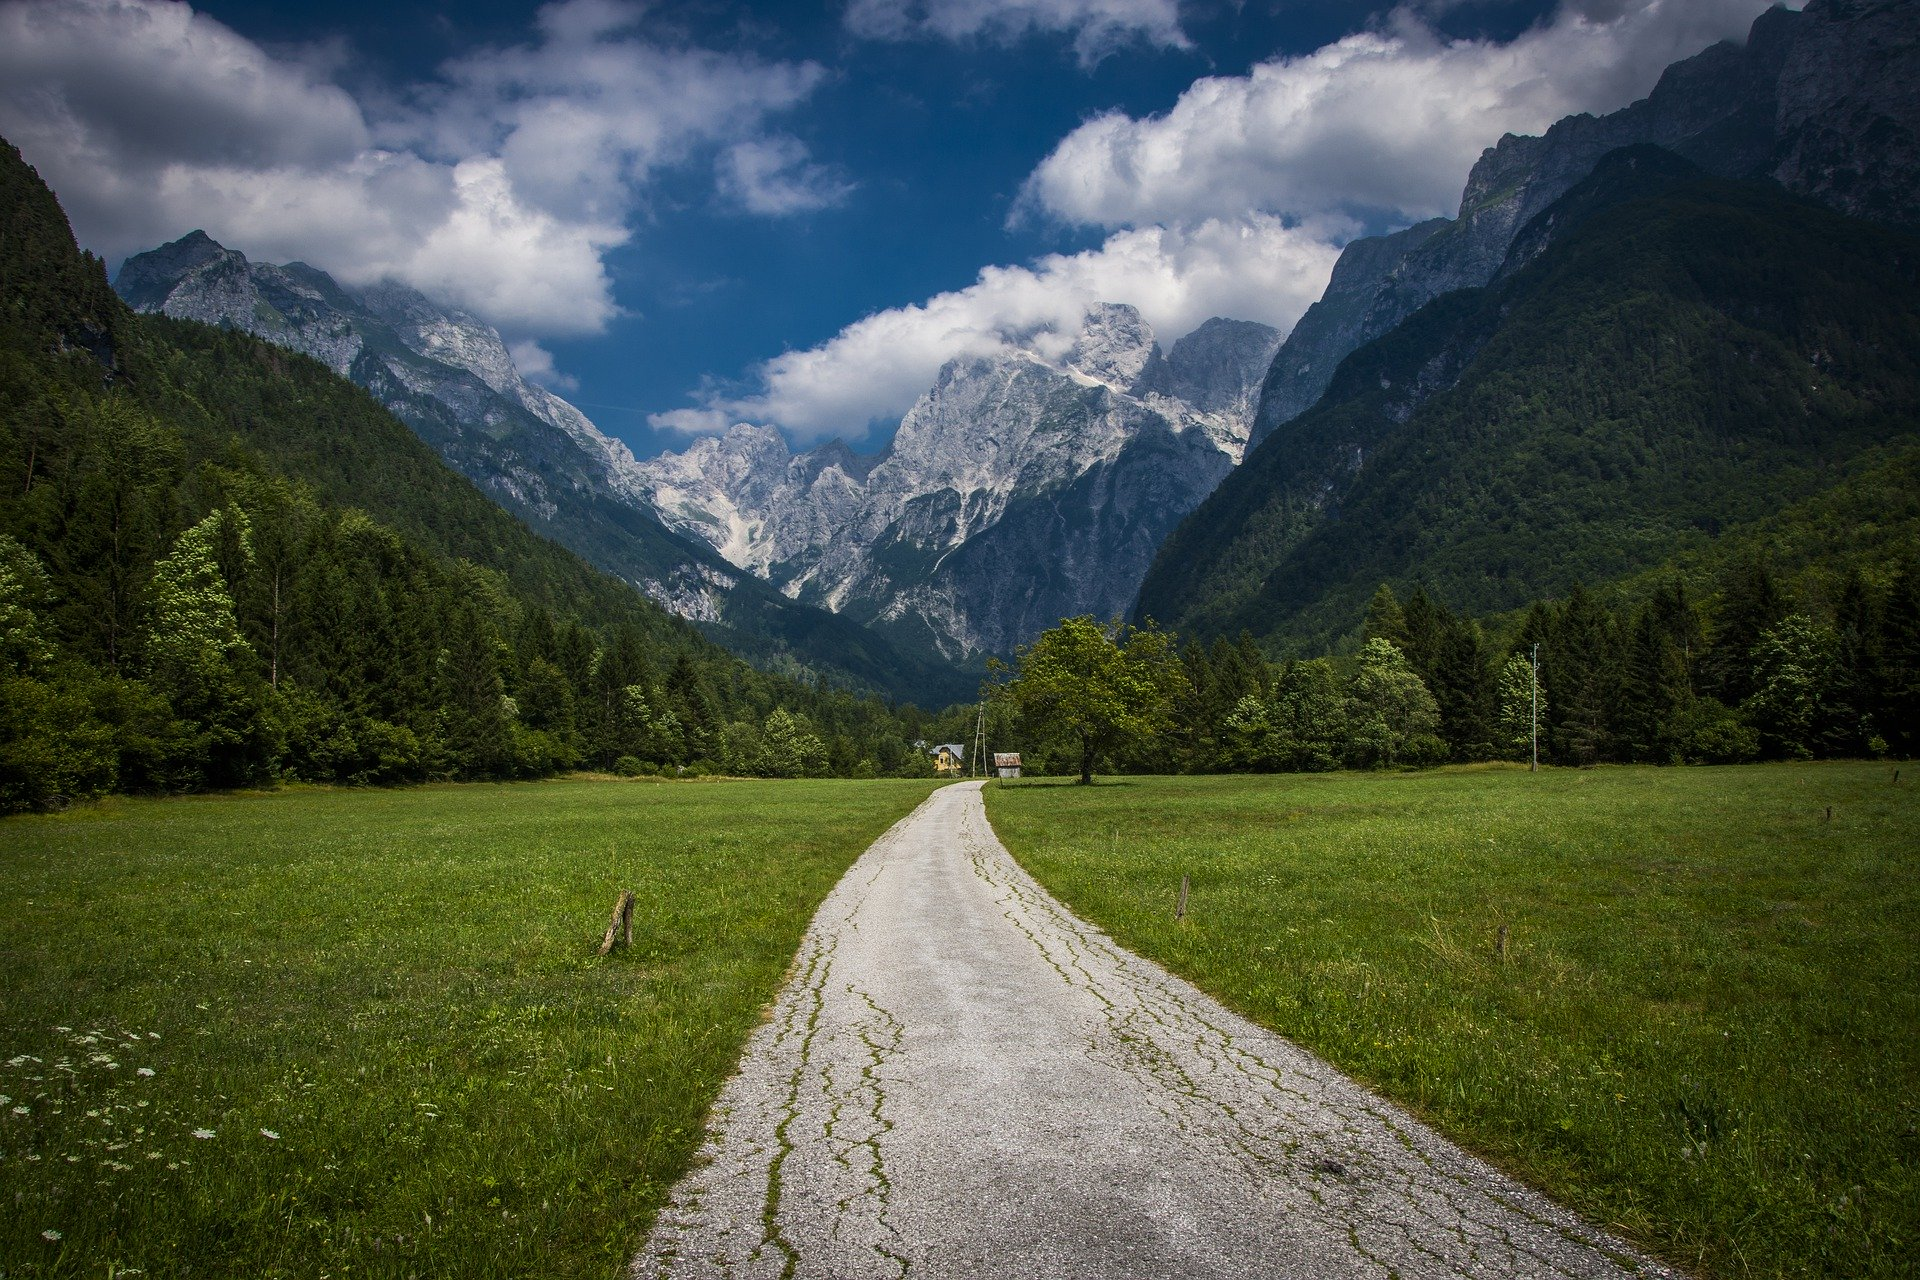 Chemin de terre dans une vallée dans les Alpes Juliennes en Slovénie